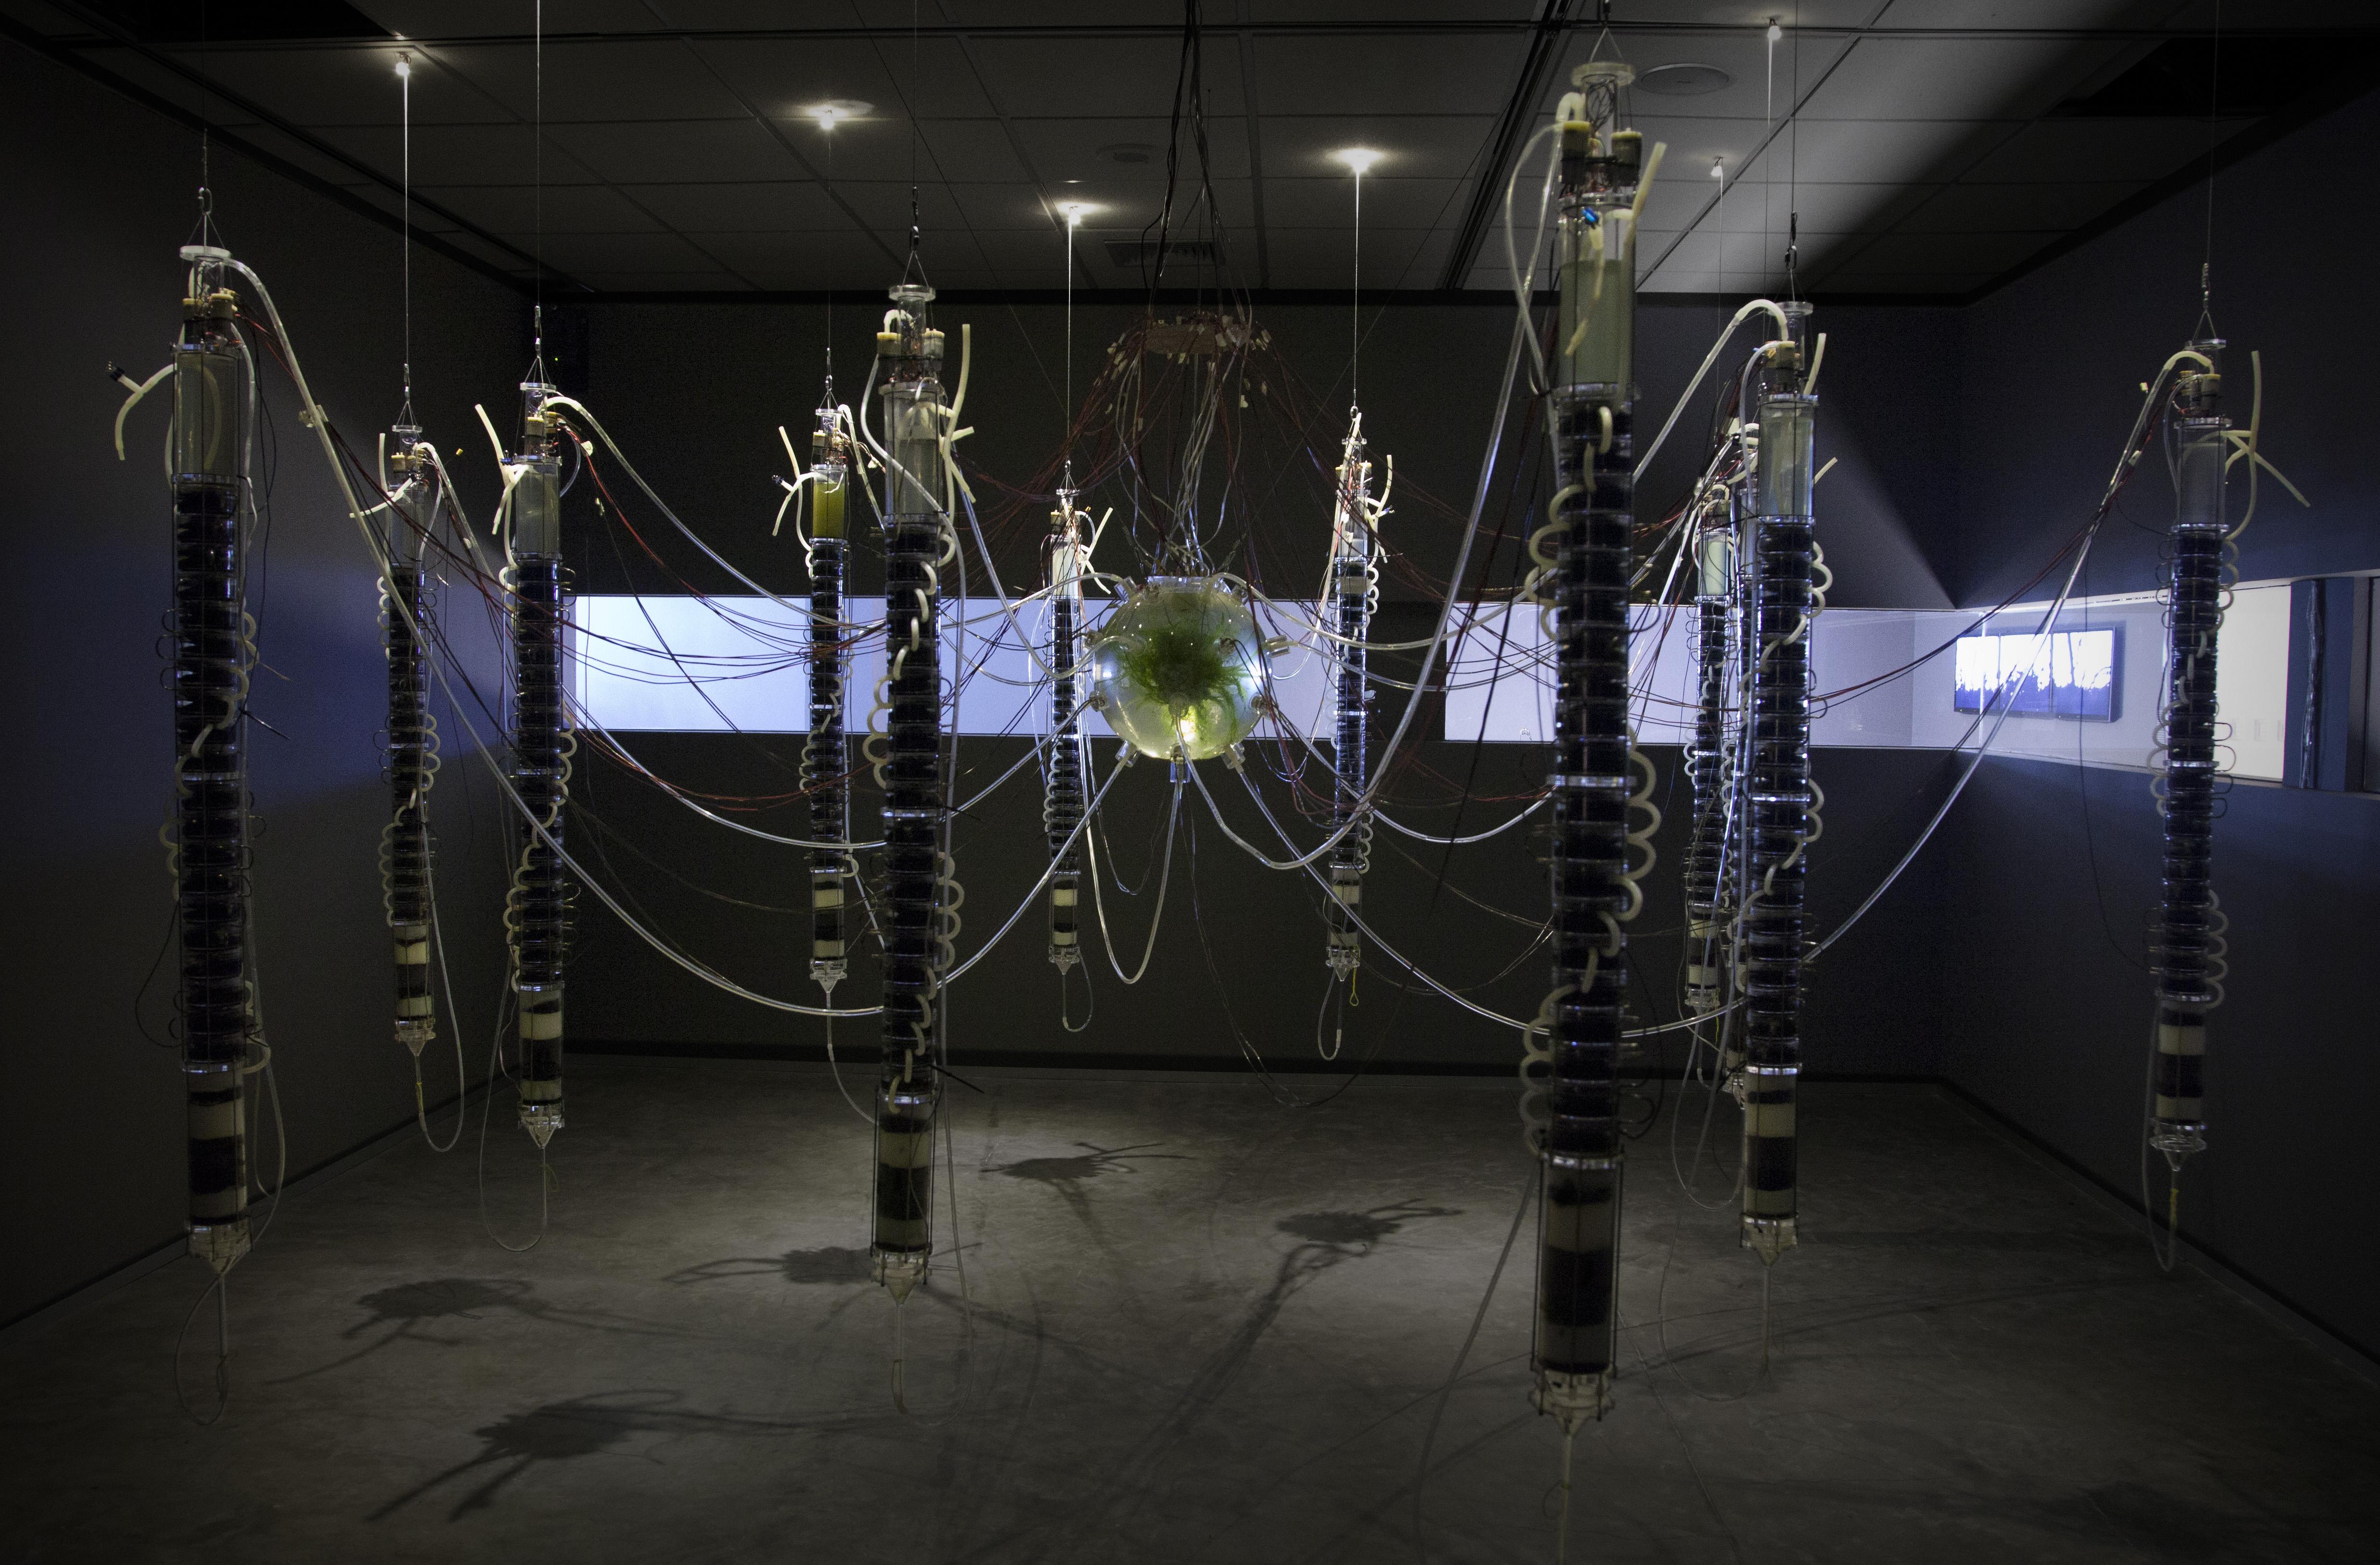 Gilberto Esparza, Plantas Autofotosintéticas, 2013-2014. Art installation. Espacio Fundación Telefónica, Lima. Used with permission.